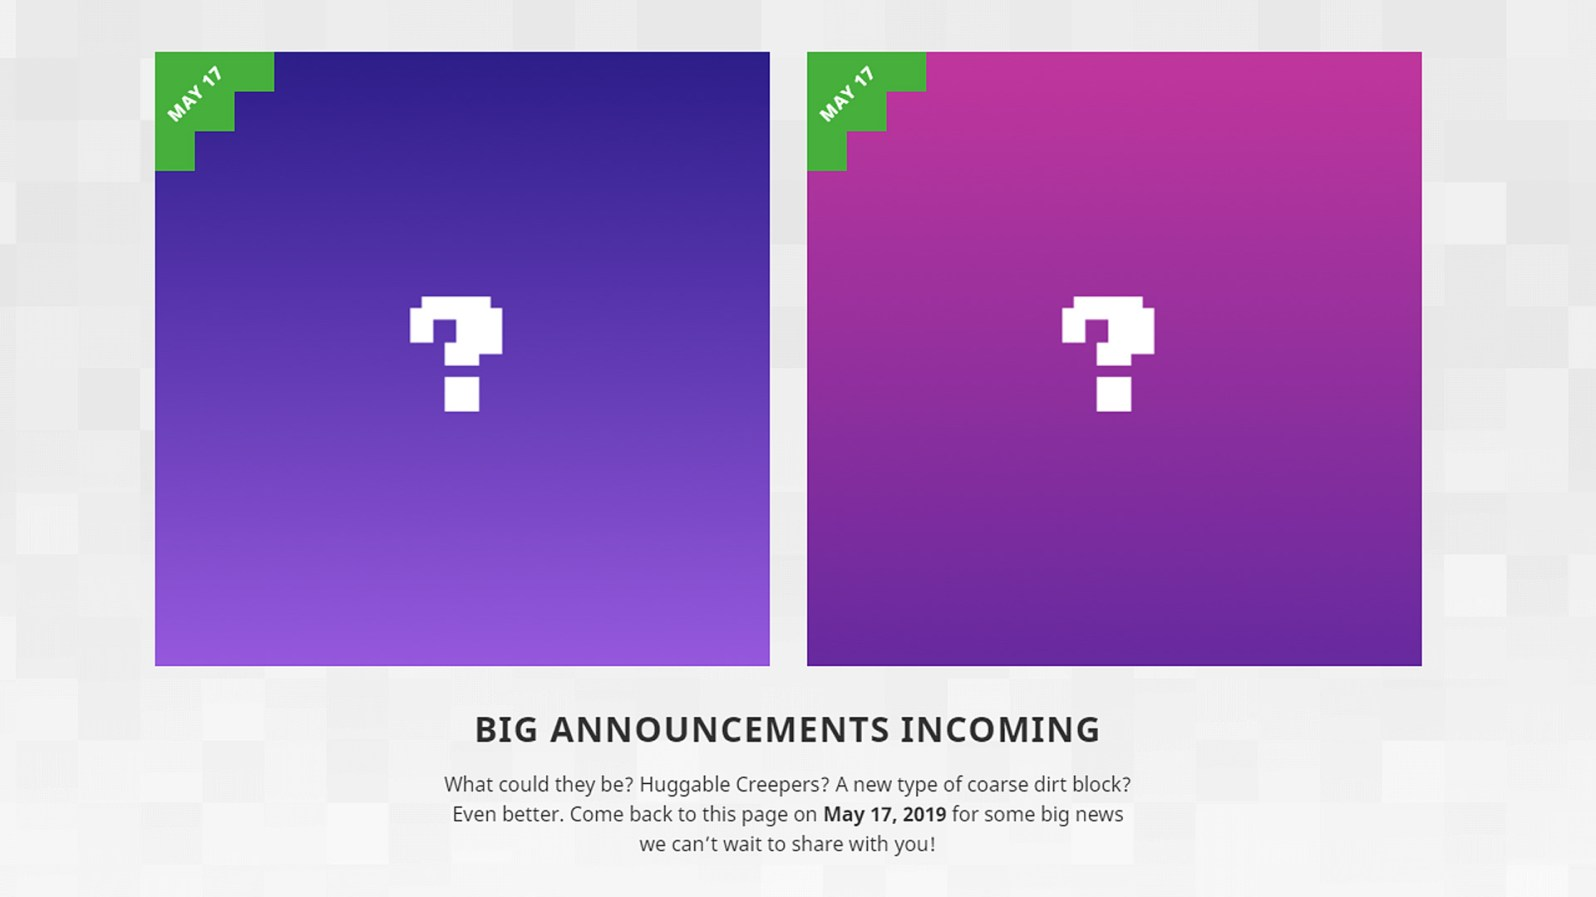 Quelle: minecraft.net - Minecraft Ankündigung 17. Mai 2019